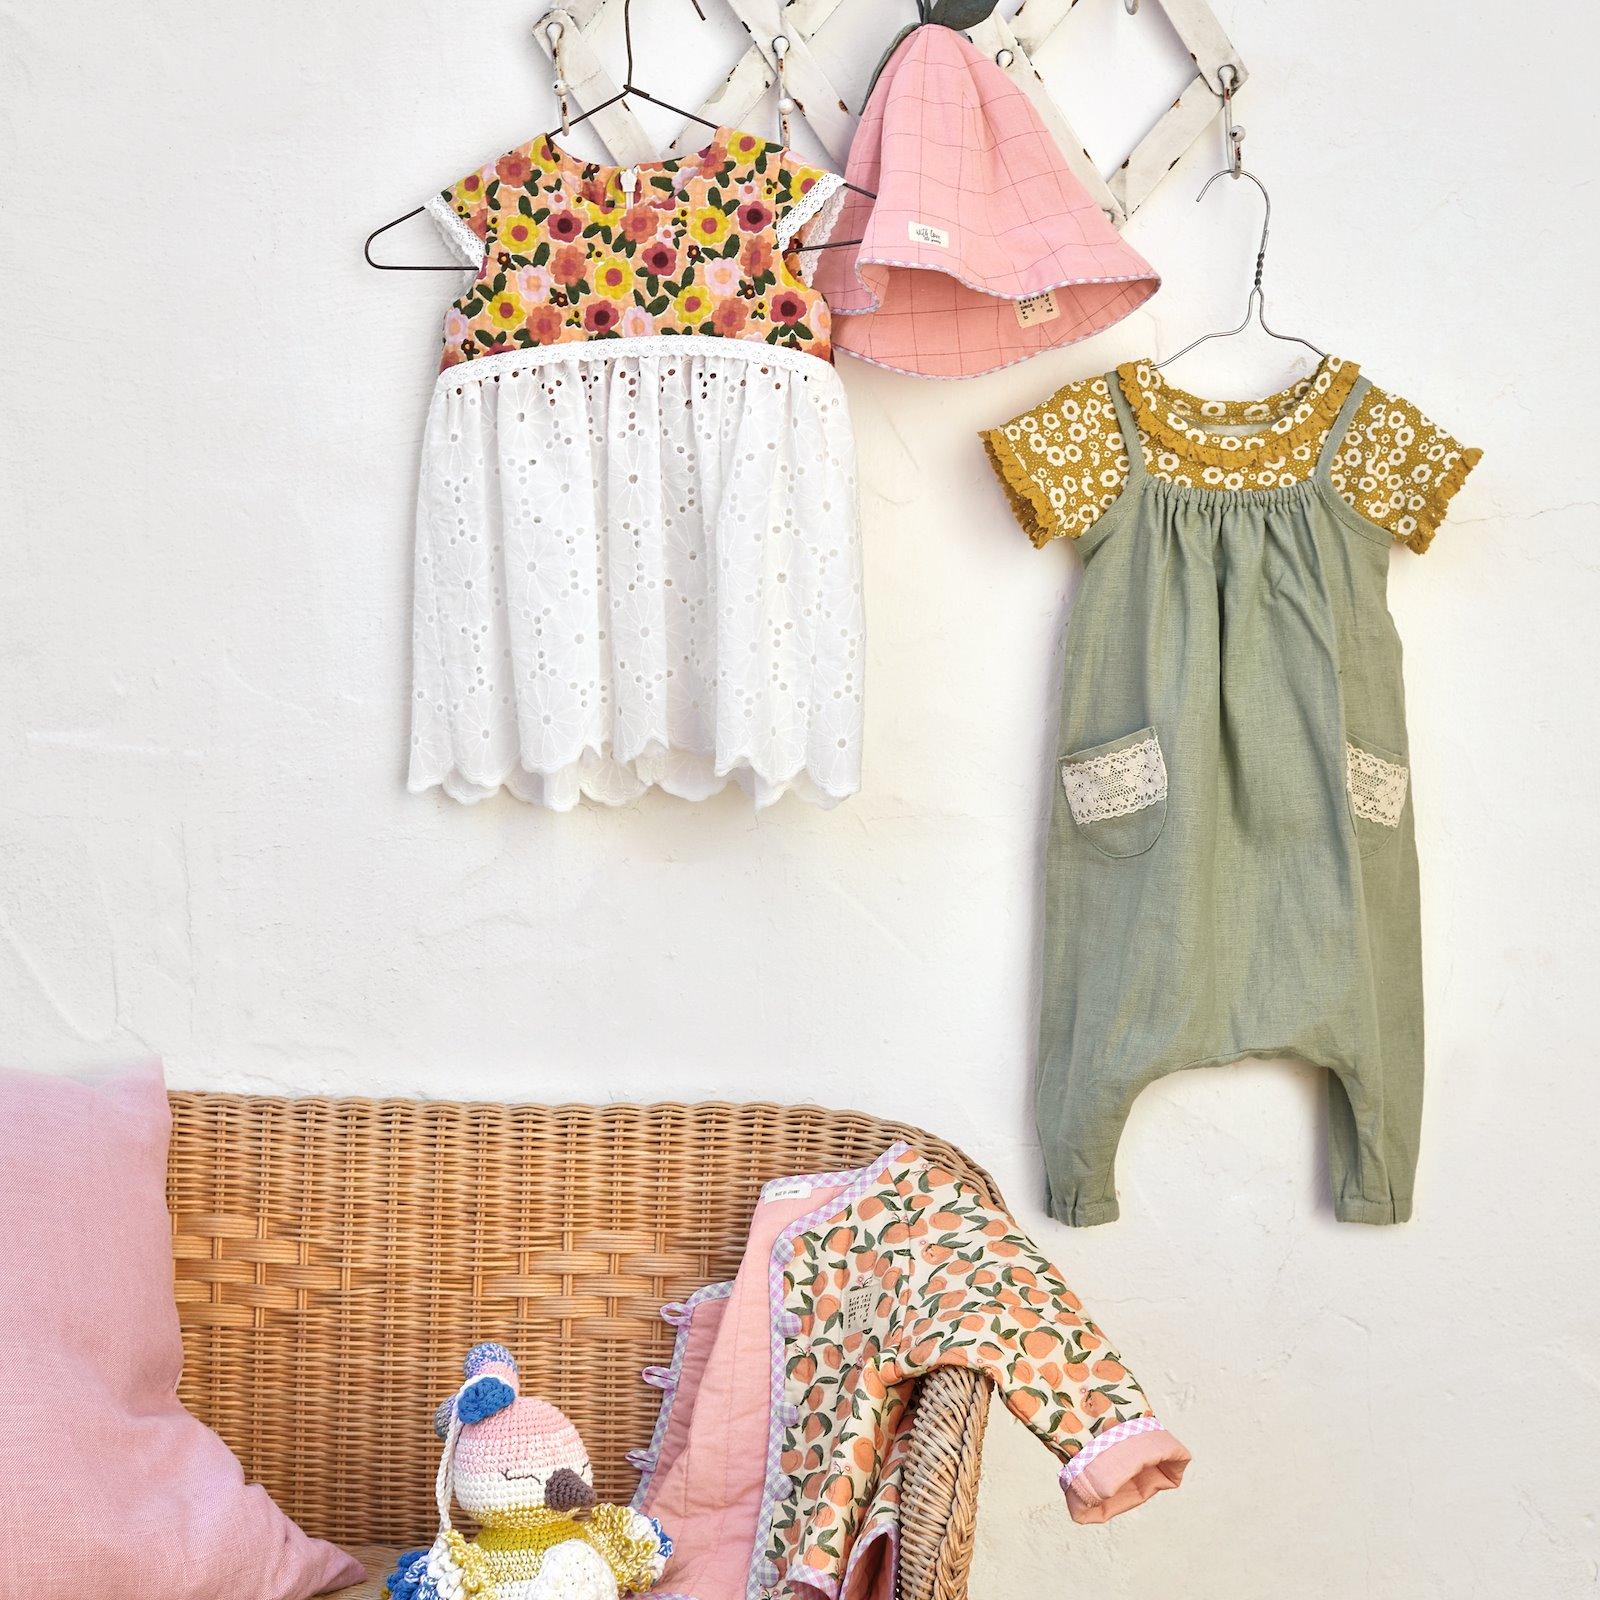 Baby Sonnenhut & Glockenhut p83014_580056_550105_25145_p84501_816231_510928_bundle